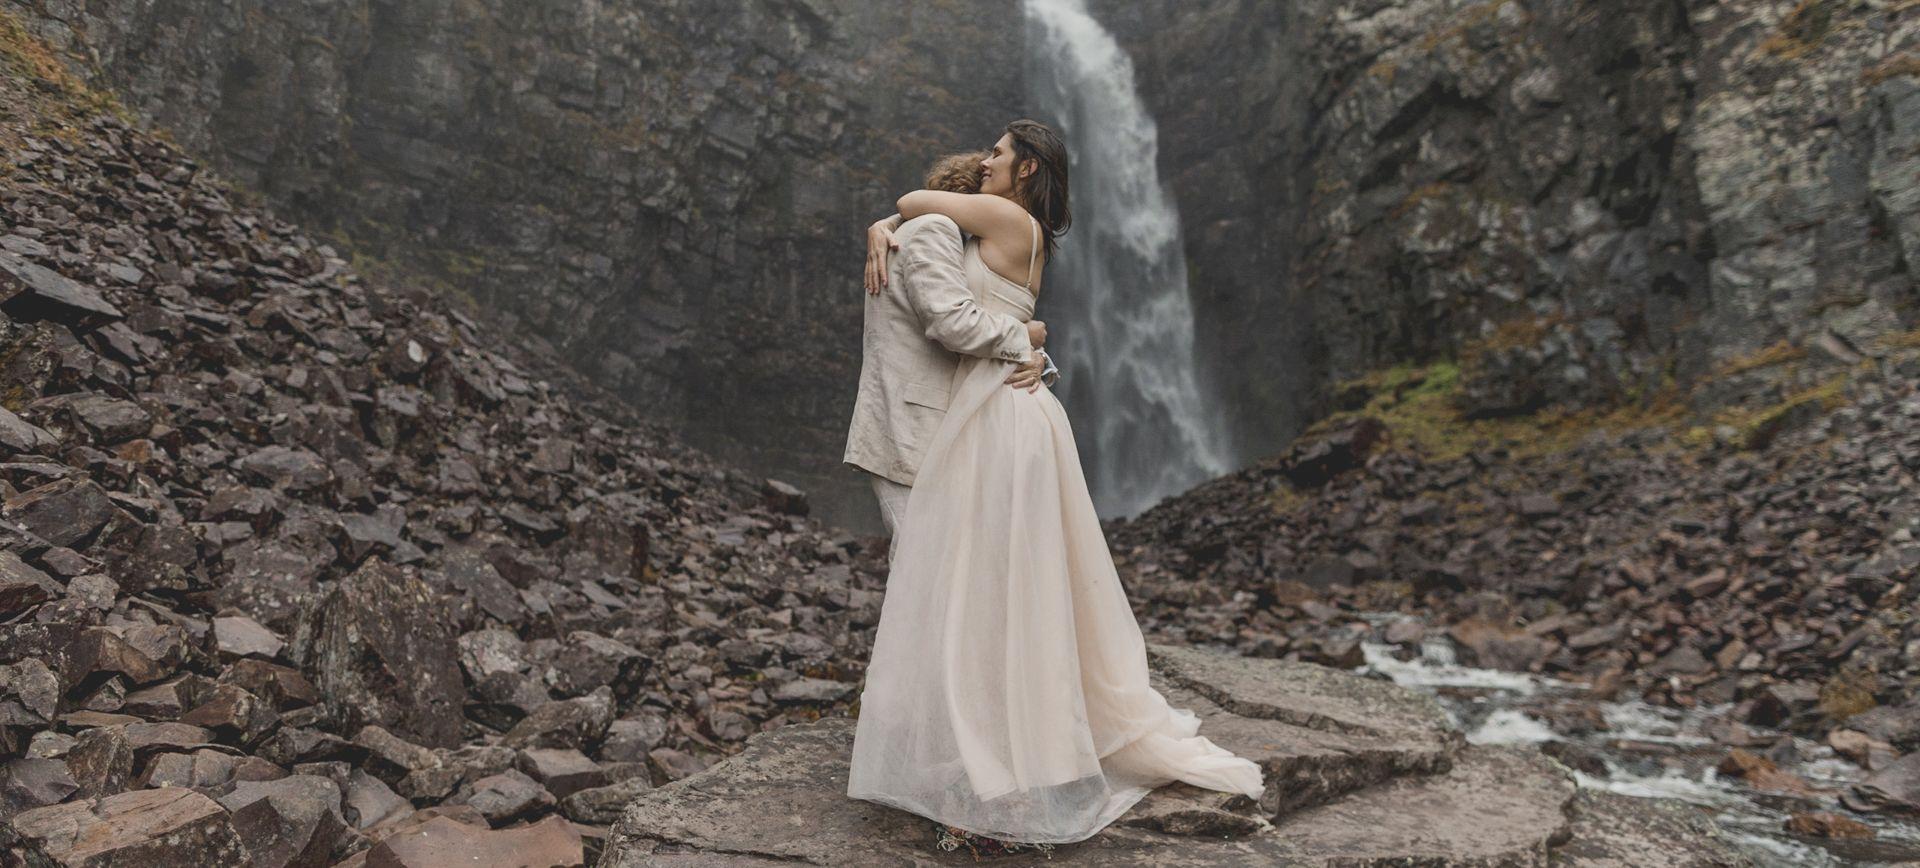 waterfall adventure elopement in sweden